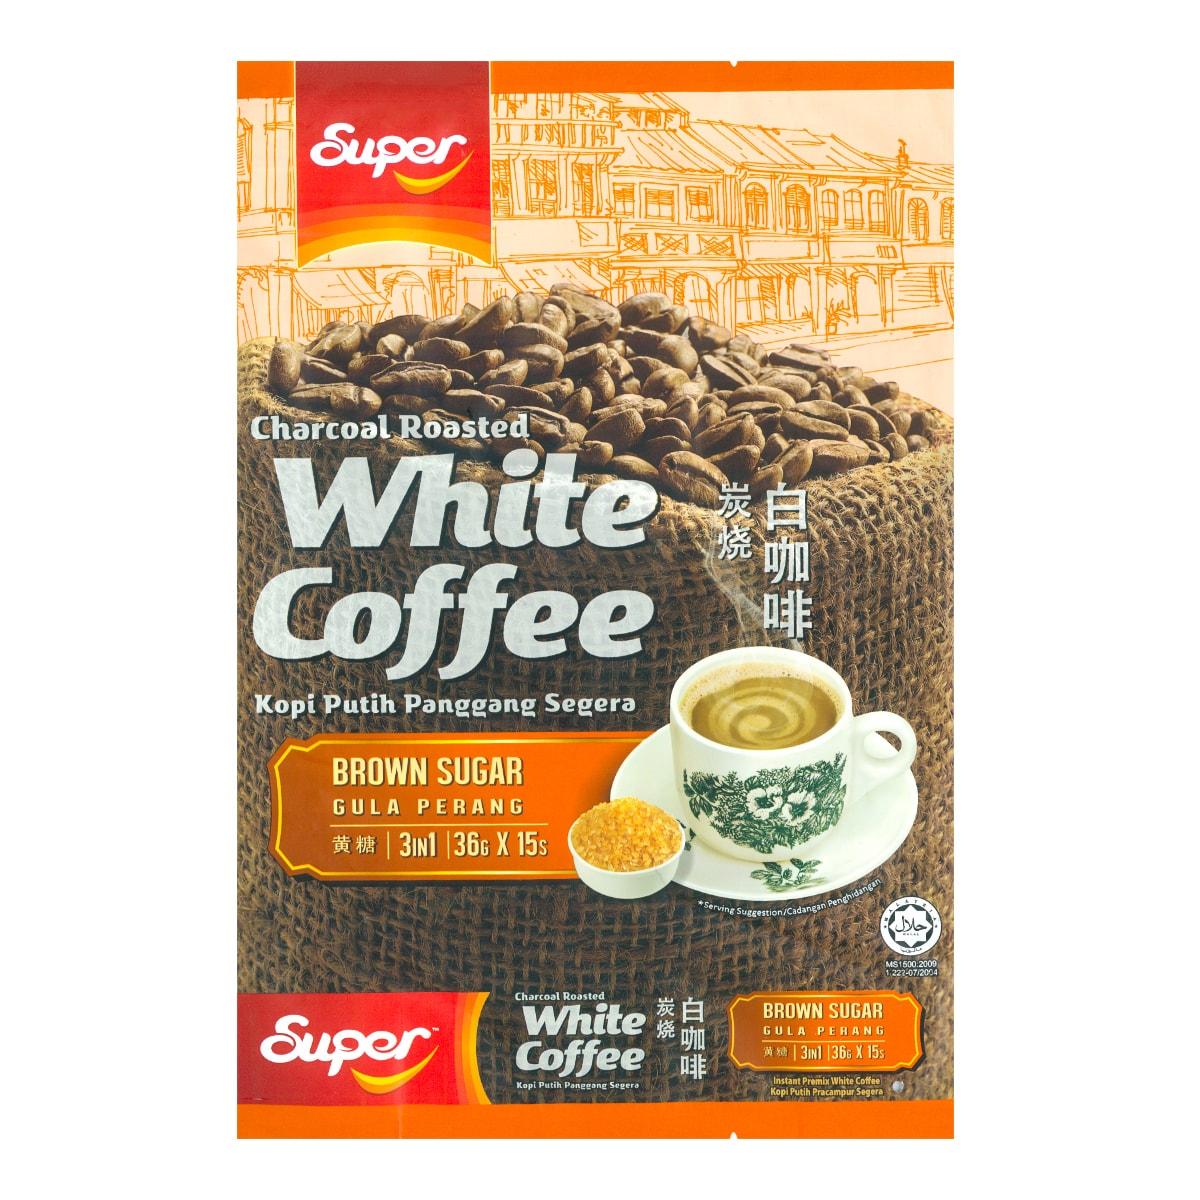 新加坡SUPER 三合一经典浓香炭烧白咖啡 15包入 540g